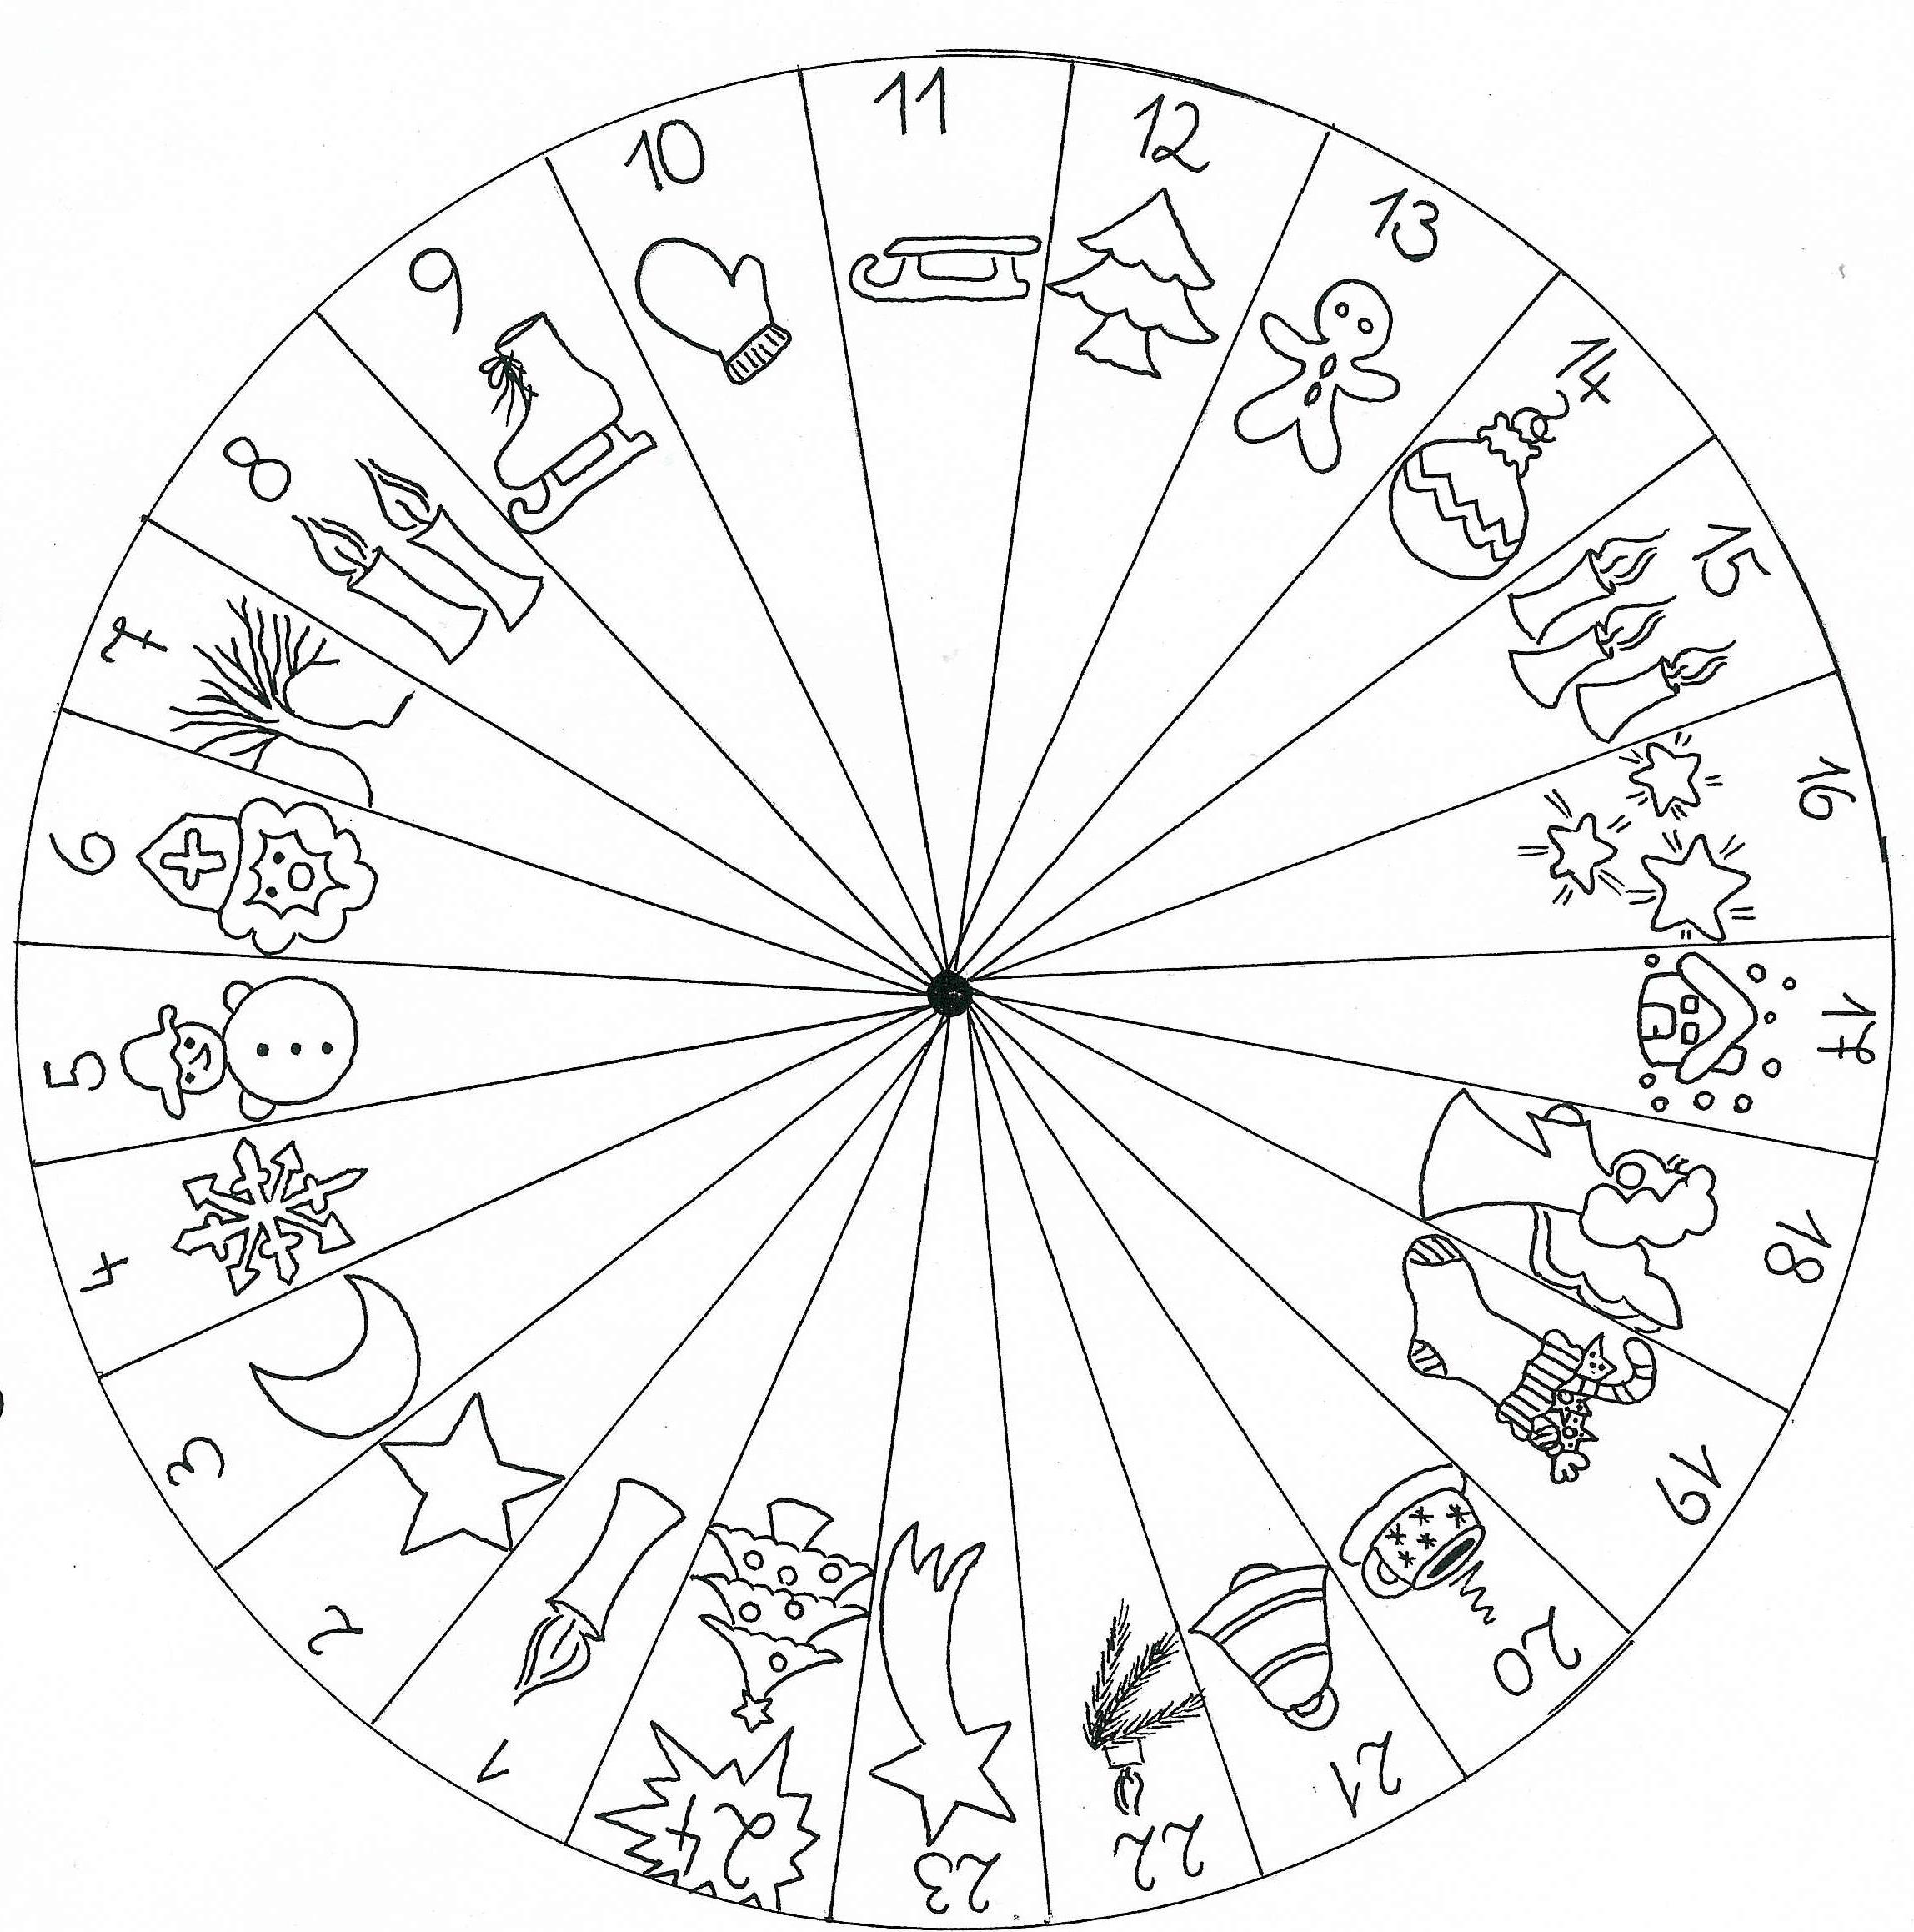 Kindergarten-Homepage: Kalender mit Bildern